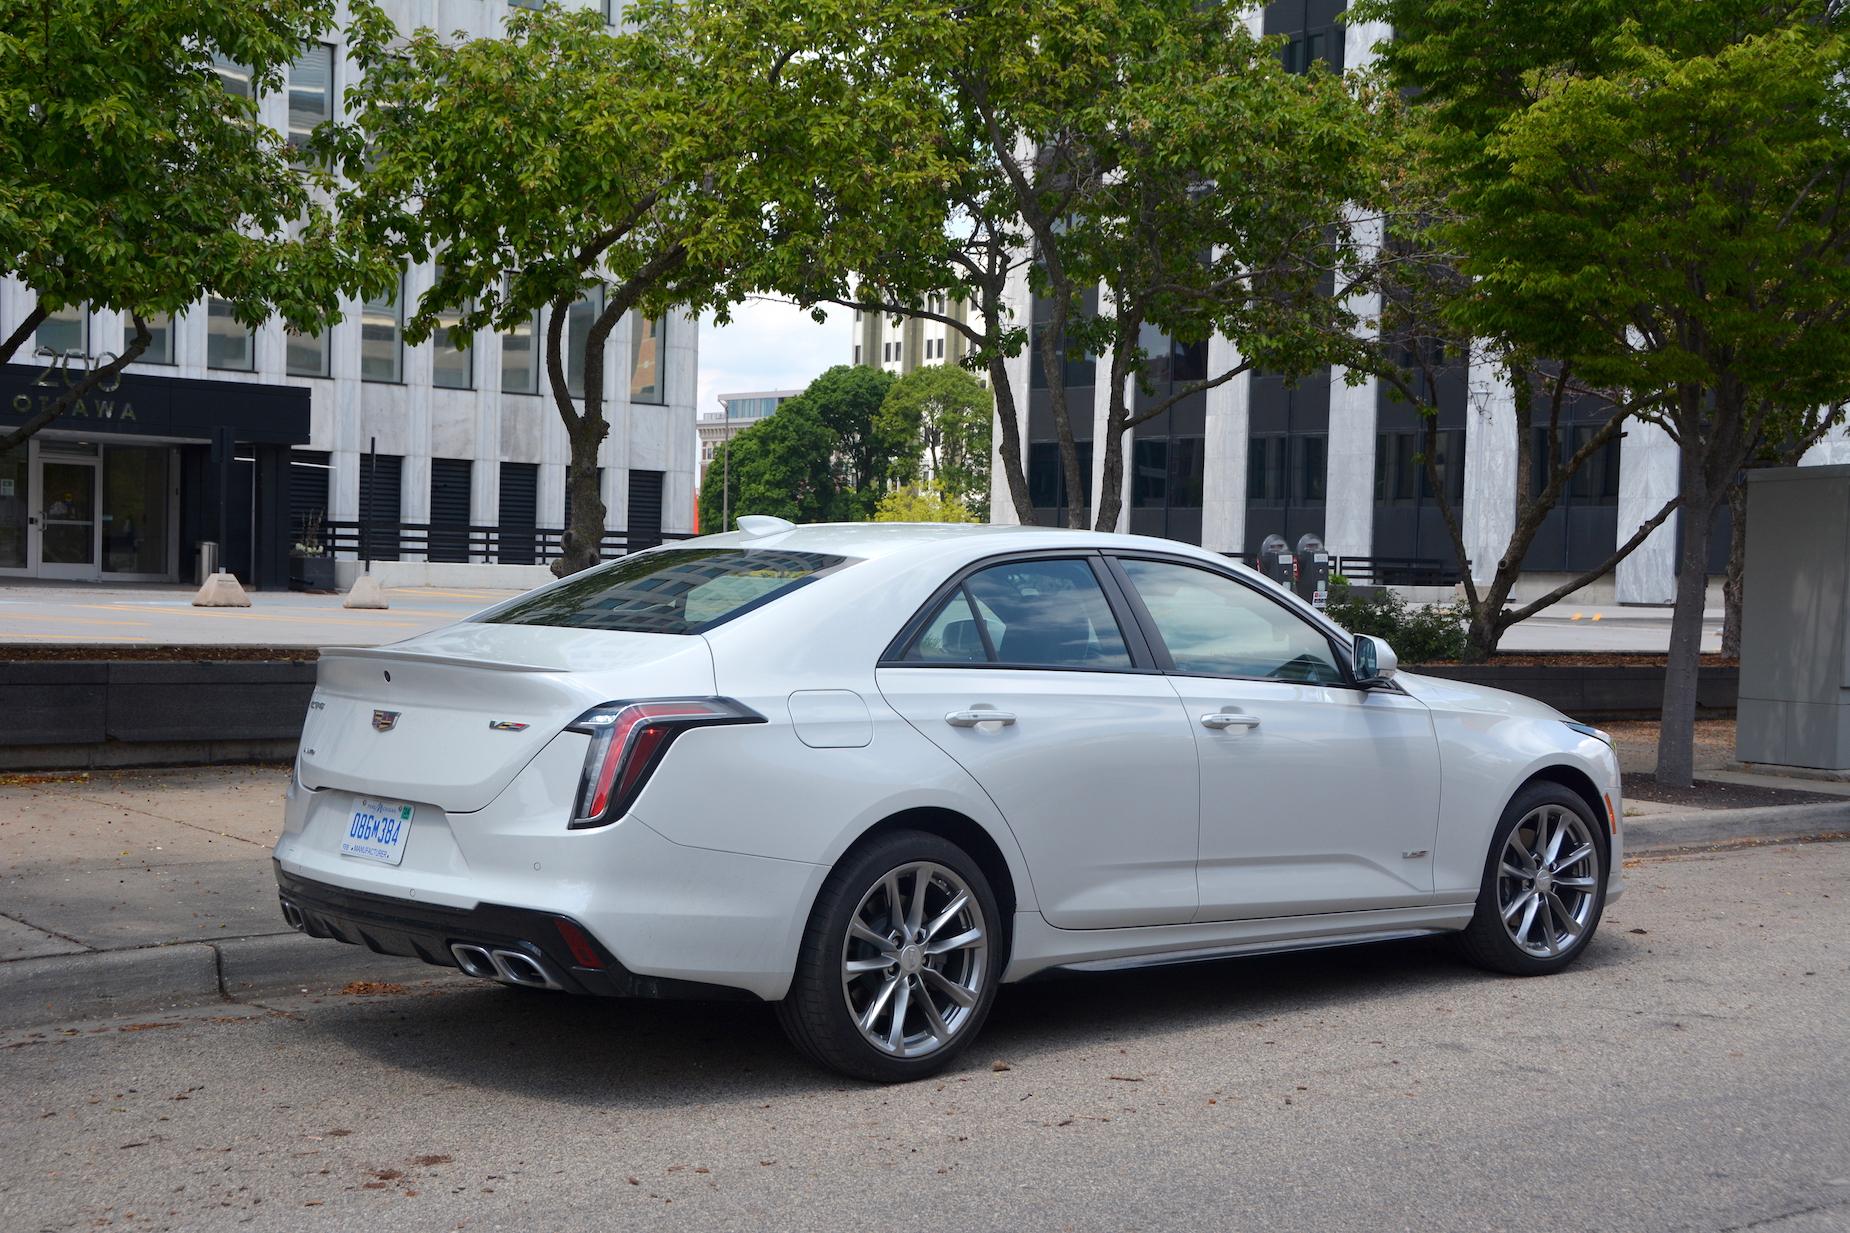 2021 Cadillac CT4-V rear quarter